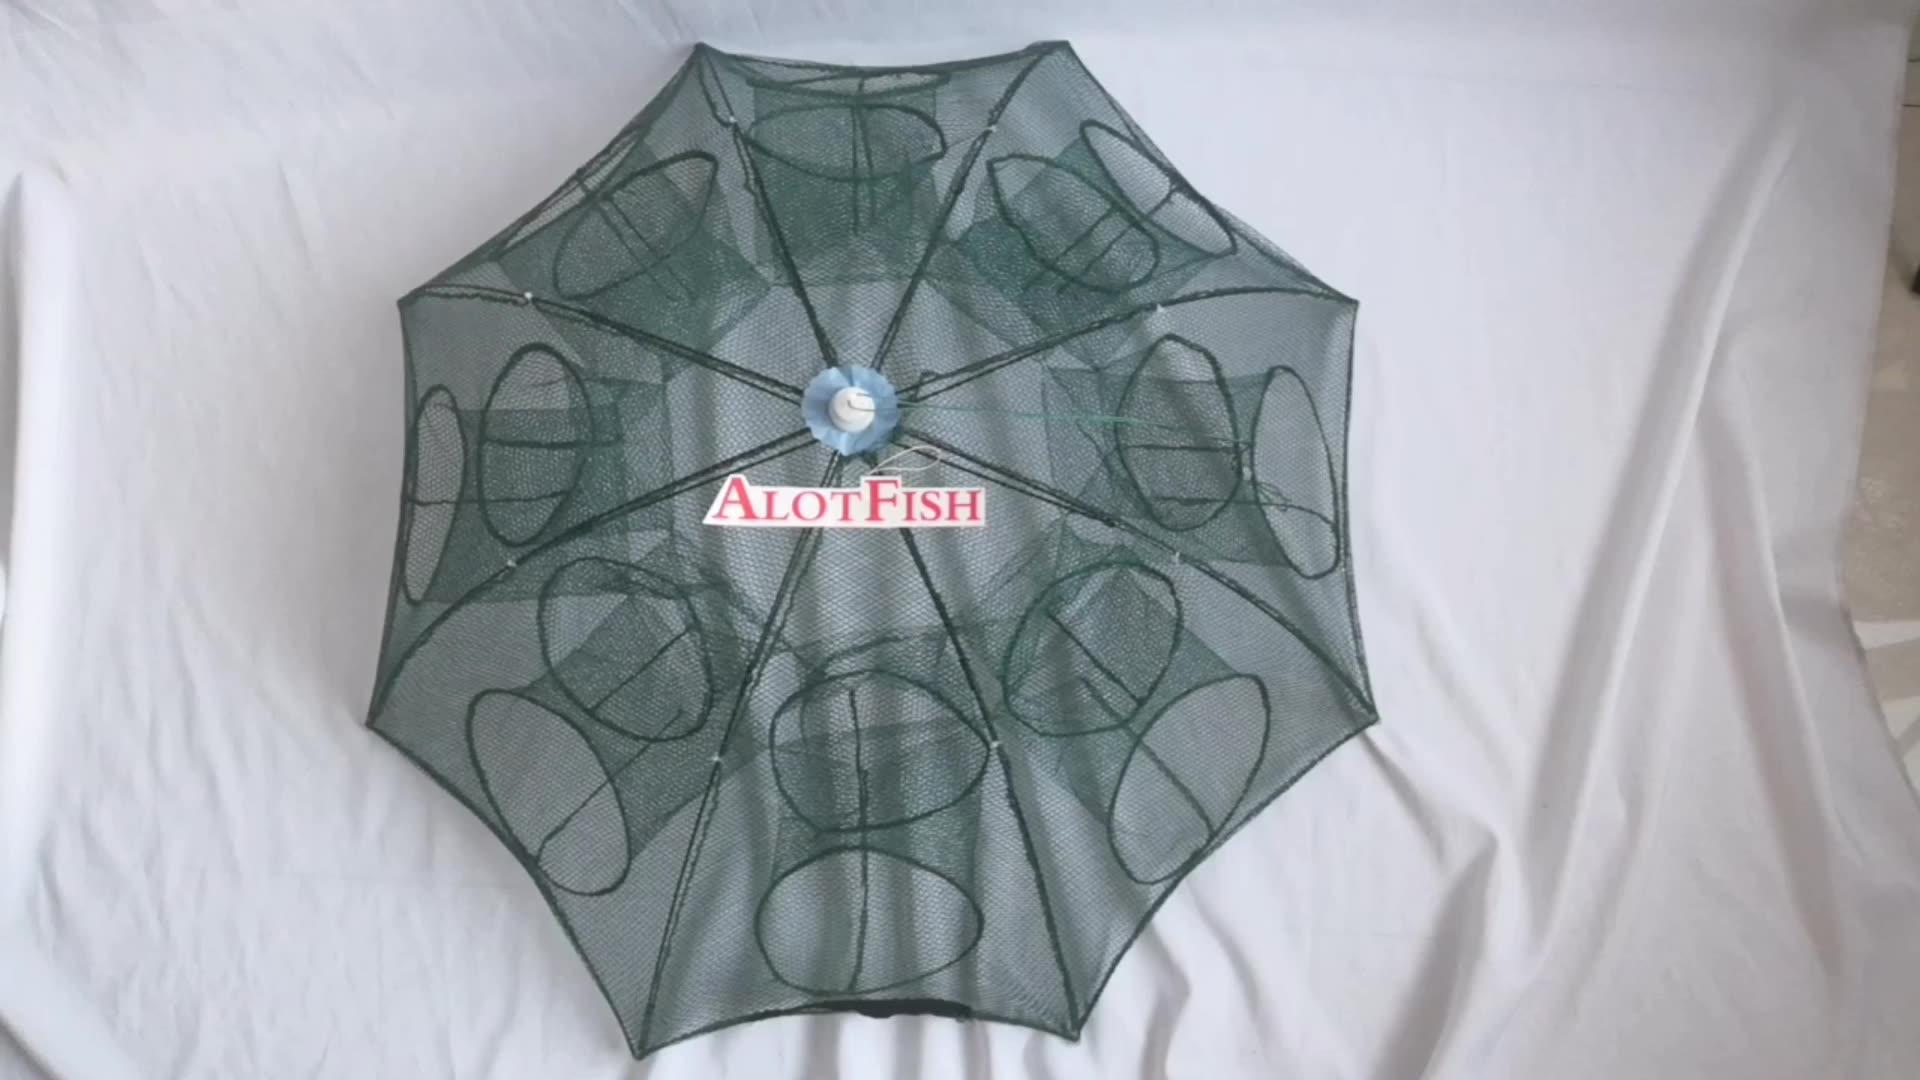 傘折り畳まポータブル六角 6 穴自動釣りエビトラップ漁網魚エビミノーカニ餌キャストメッシュトラップ